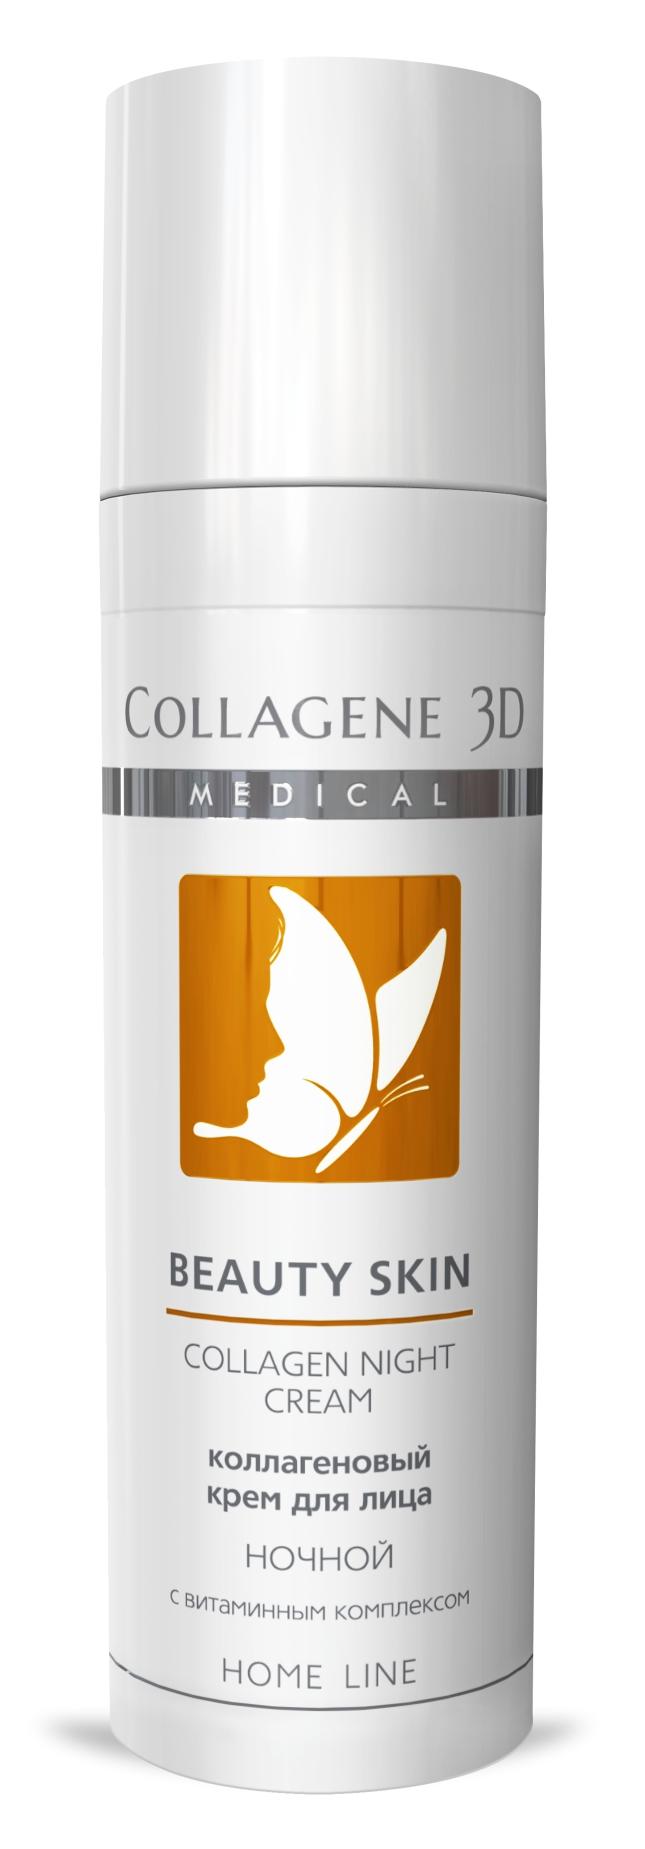 ночной крем для лица collagene 3d